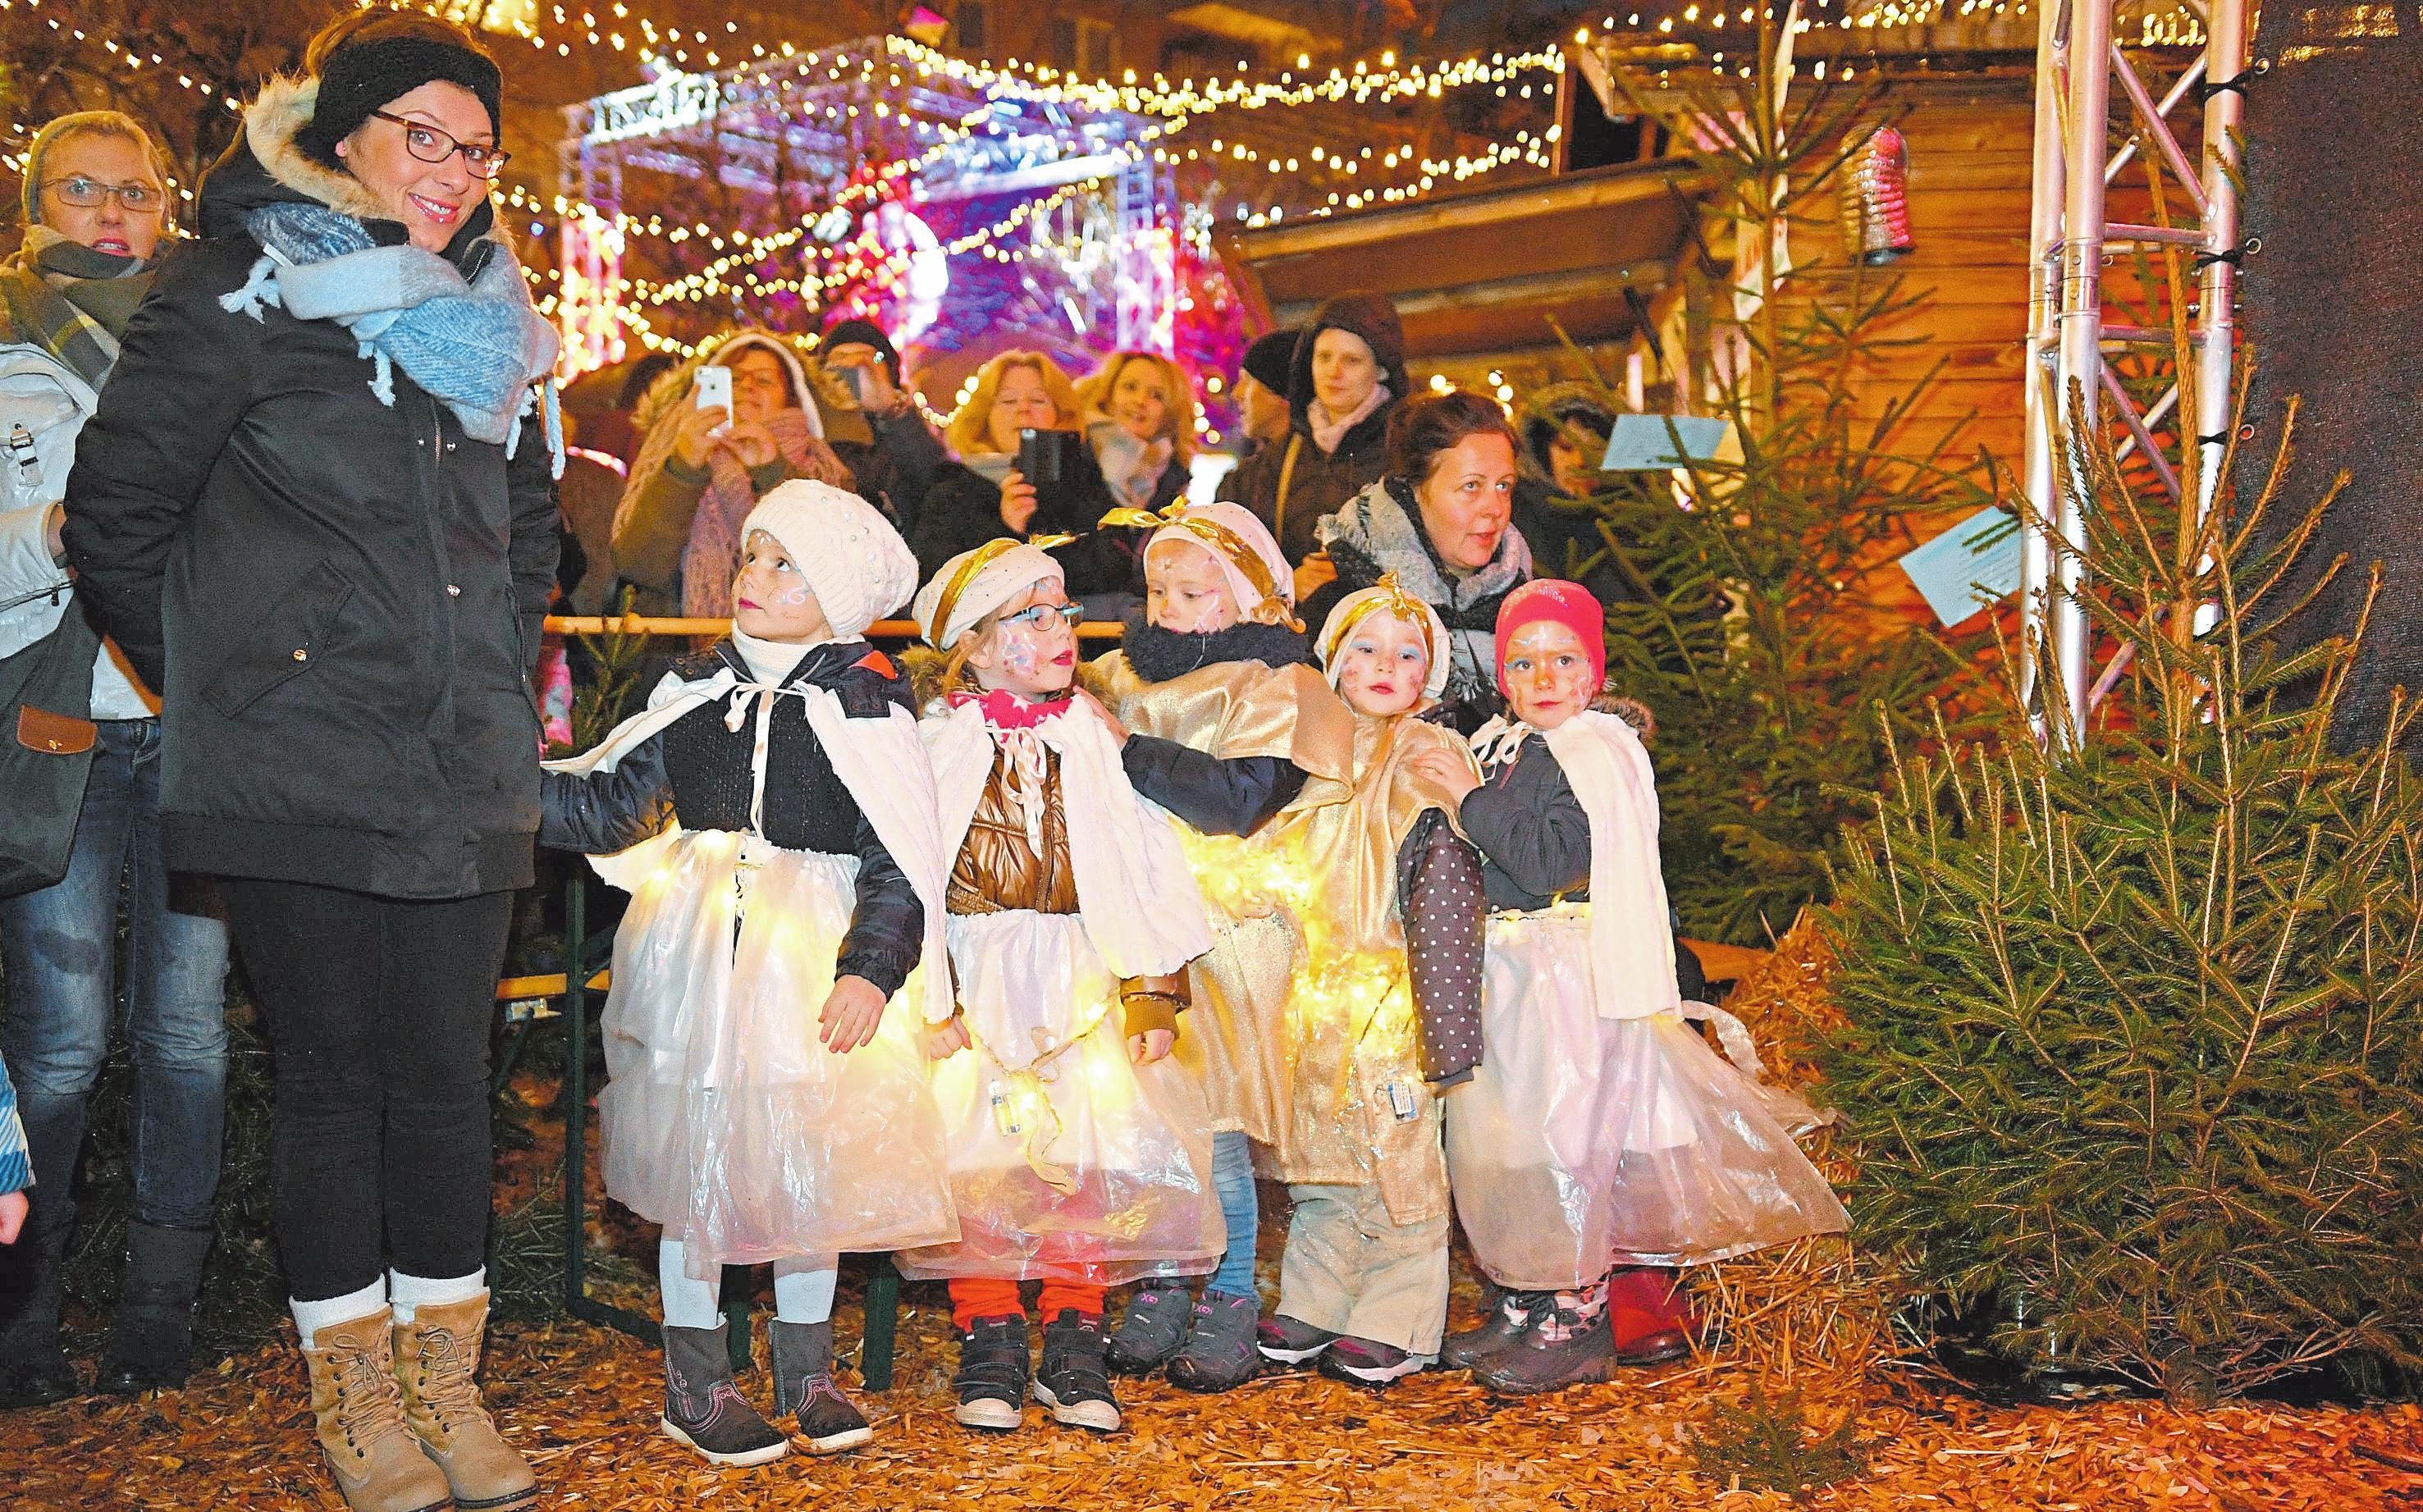 Weihnachtliche Stimmung bereiten mit ihren Aufführungen auch die jungen Akteure den Besuchern des Weihnachtsmarktes. Foto: Hartmut Springer